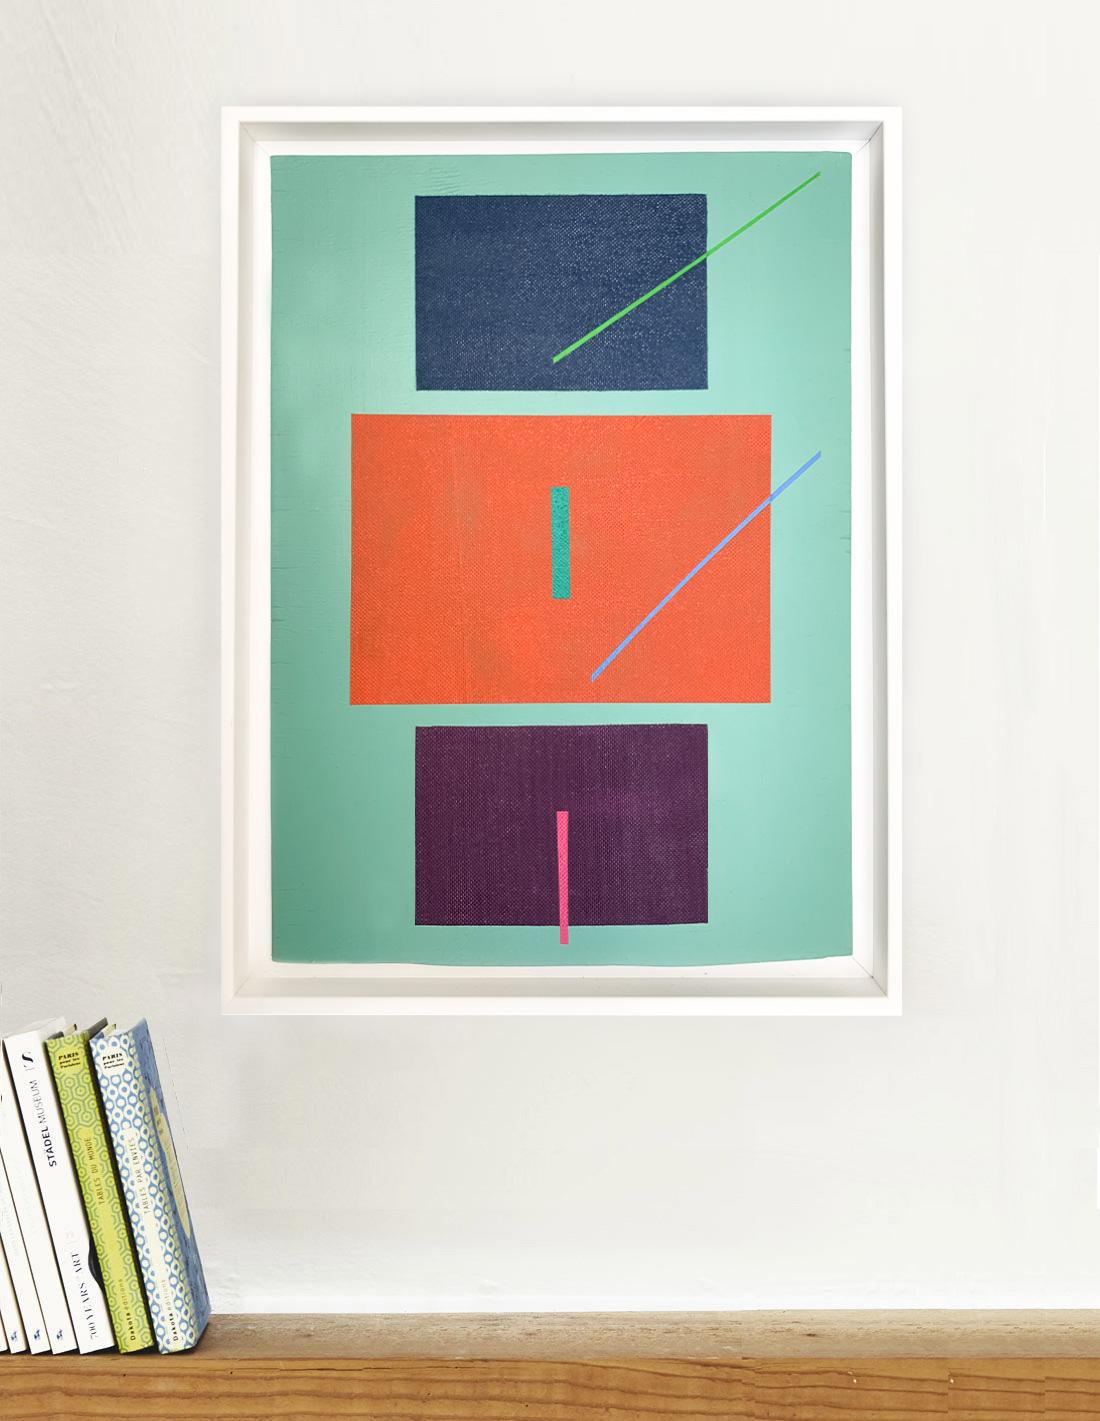 Carlos Stoffel - Sans Titre Turquoise Diagonale Verte- Insitu